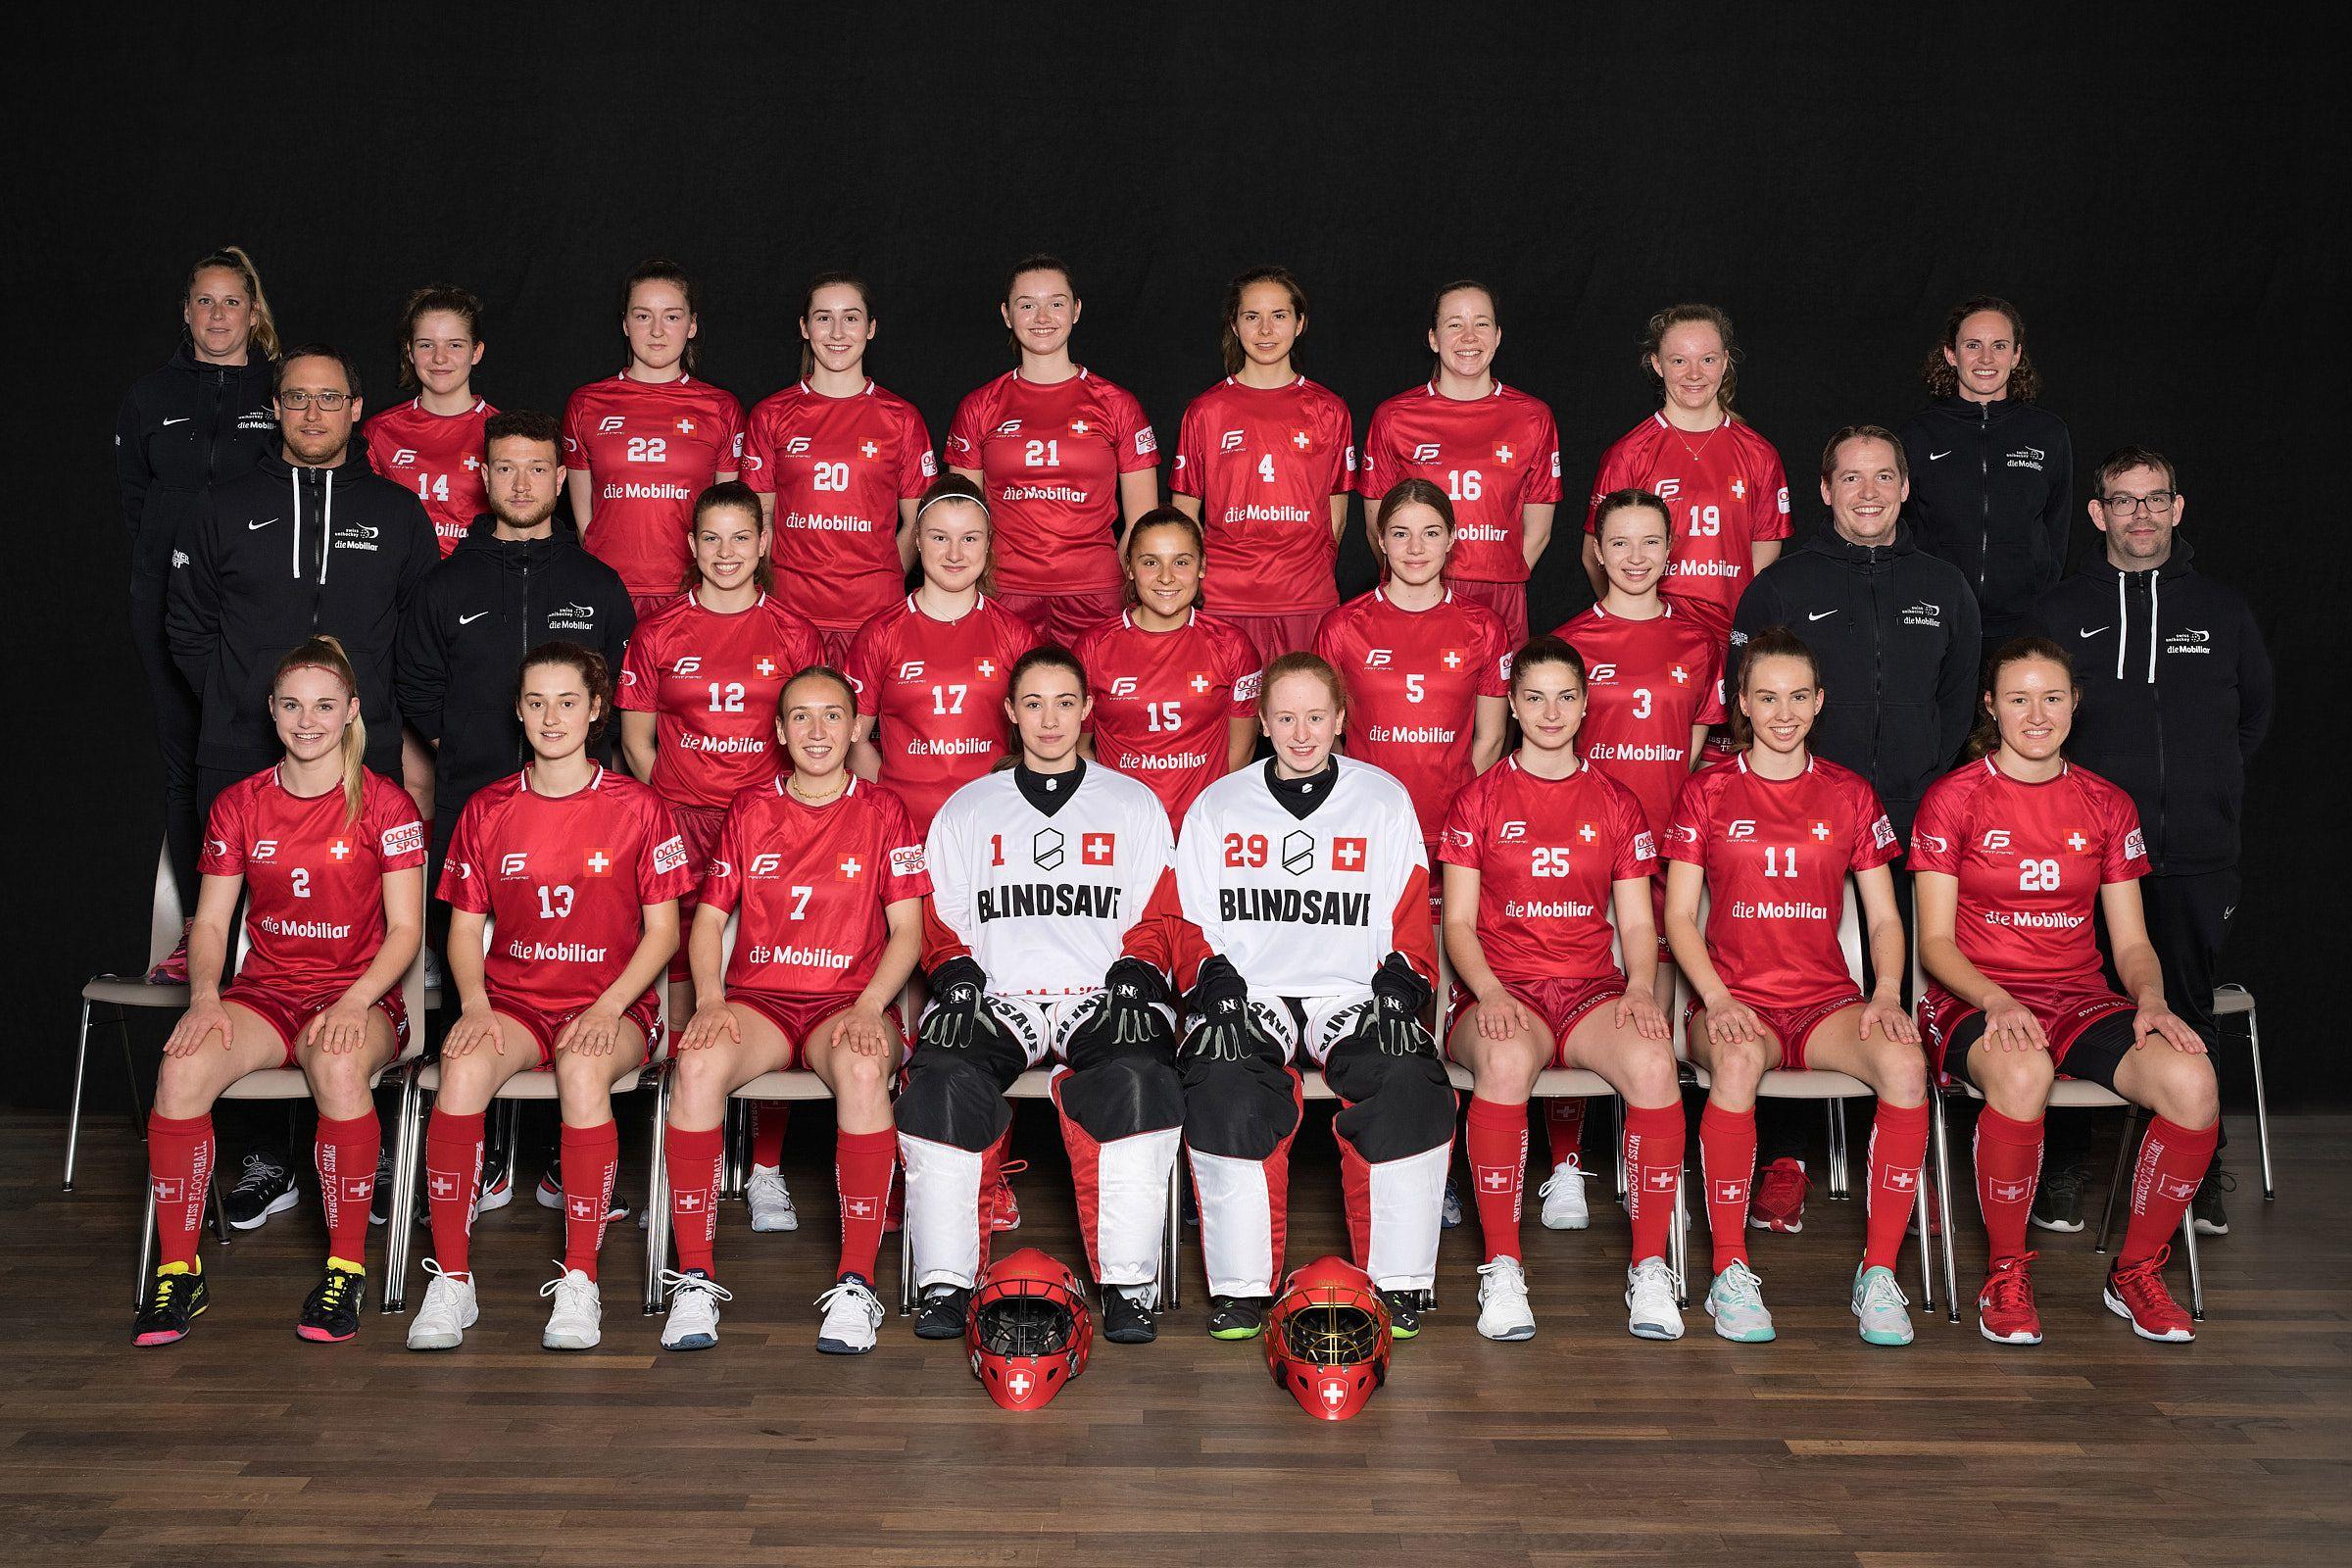 Teamfoto Frauen U19-Nationalmannschaft Goalies Mitte Internet.jpg